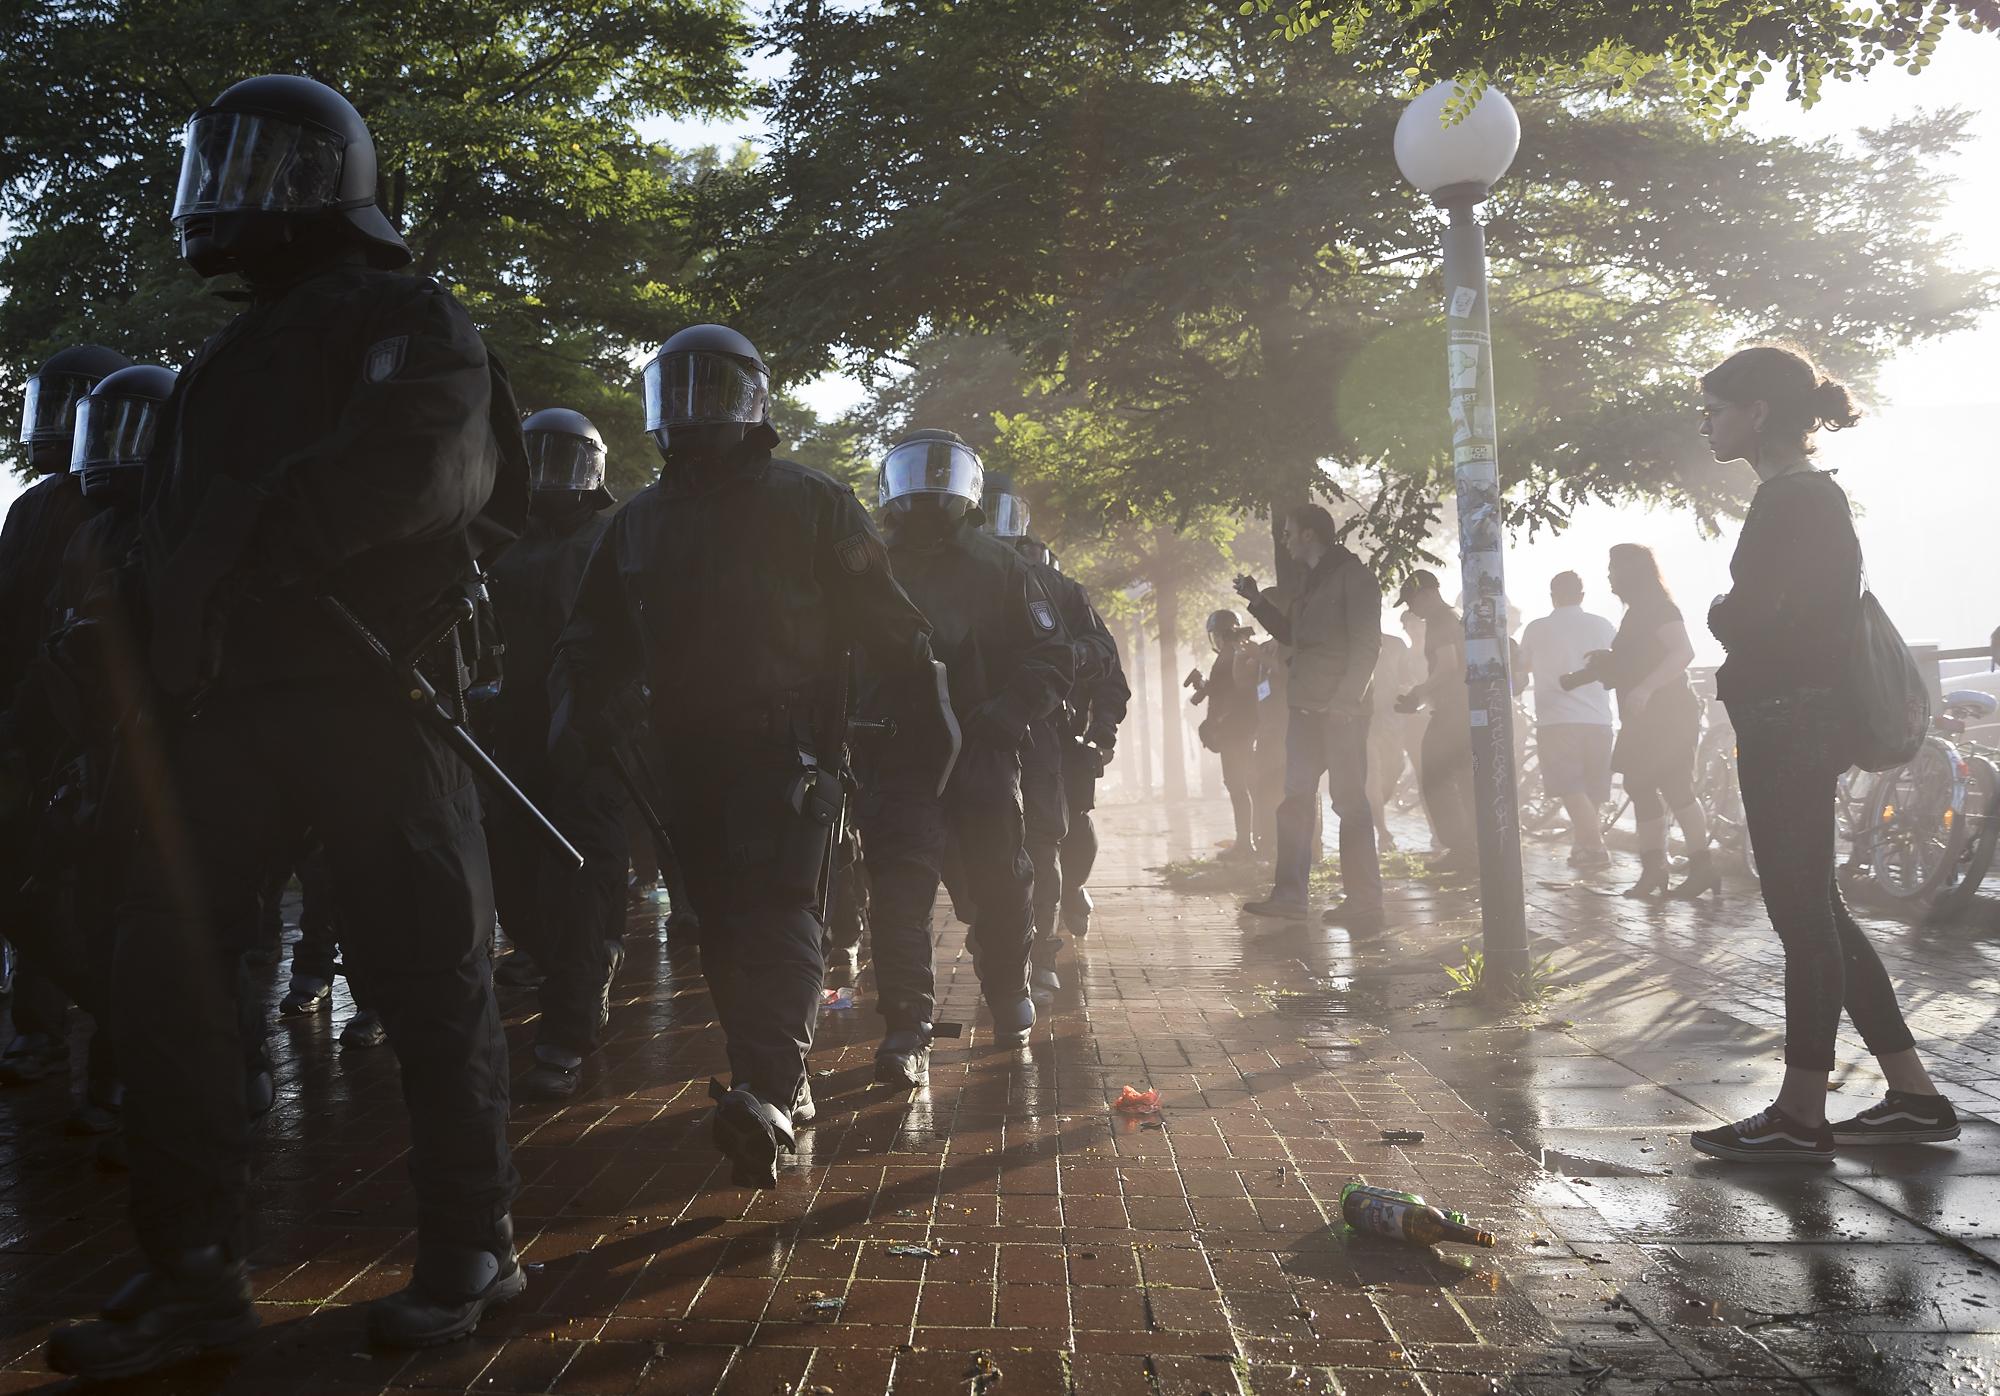 """Polizisten gehen am 06/07/2017 am Fischmarkt in Hamburg nach der uflösung einer Demonstration unter dem Titel """"Welcome to Hell"""" durch die übrigen Demonstranten. Foto Florian Schuh"""